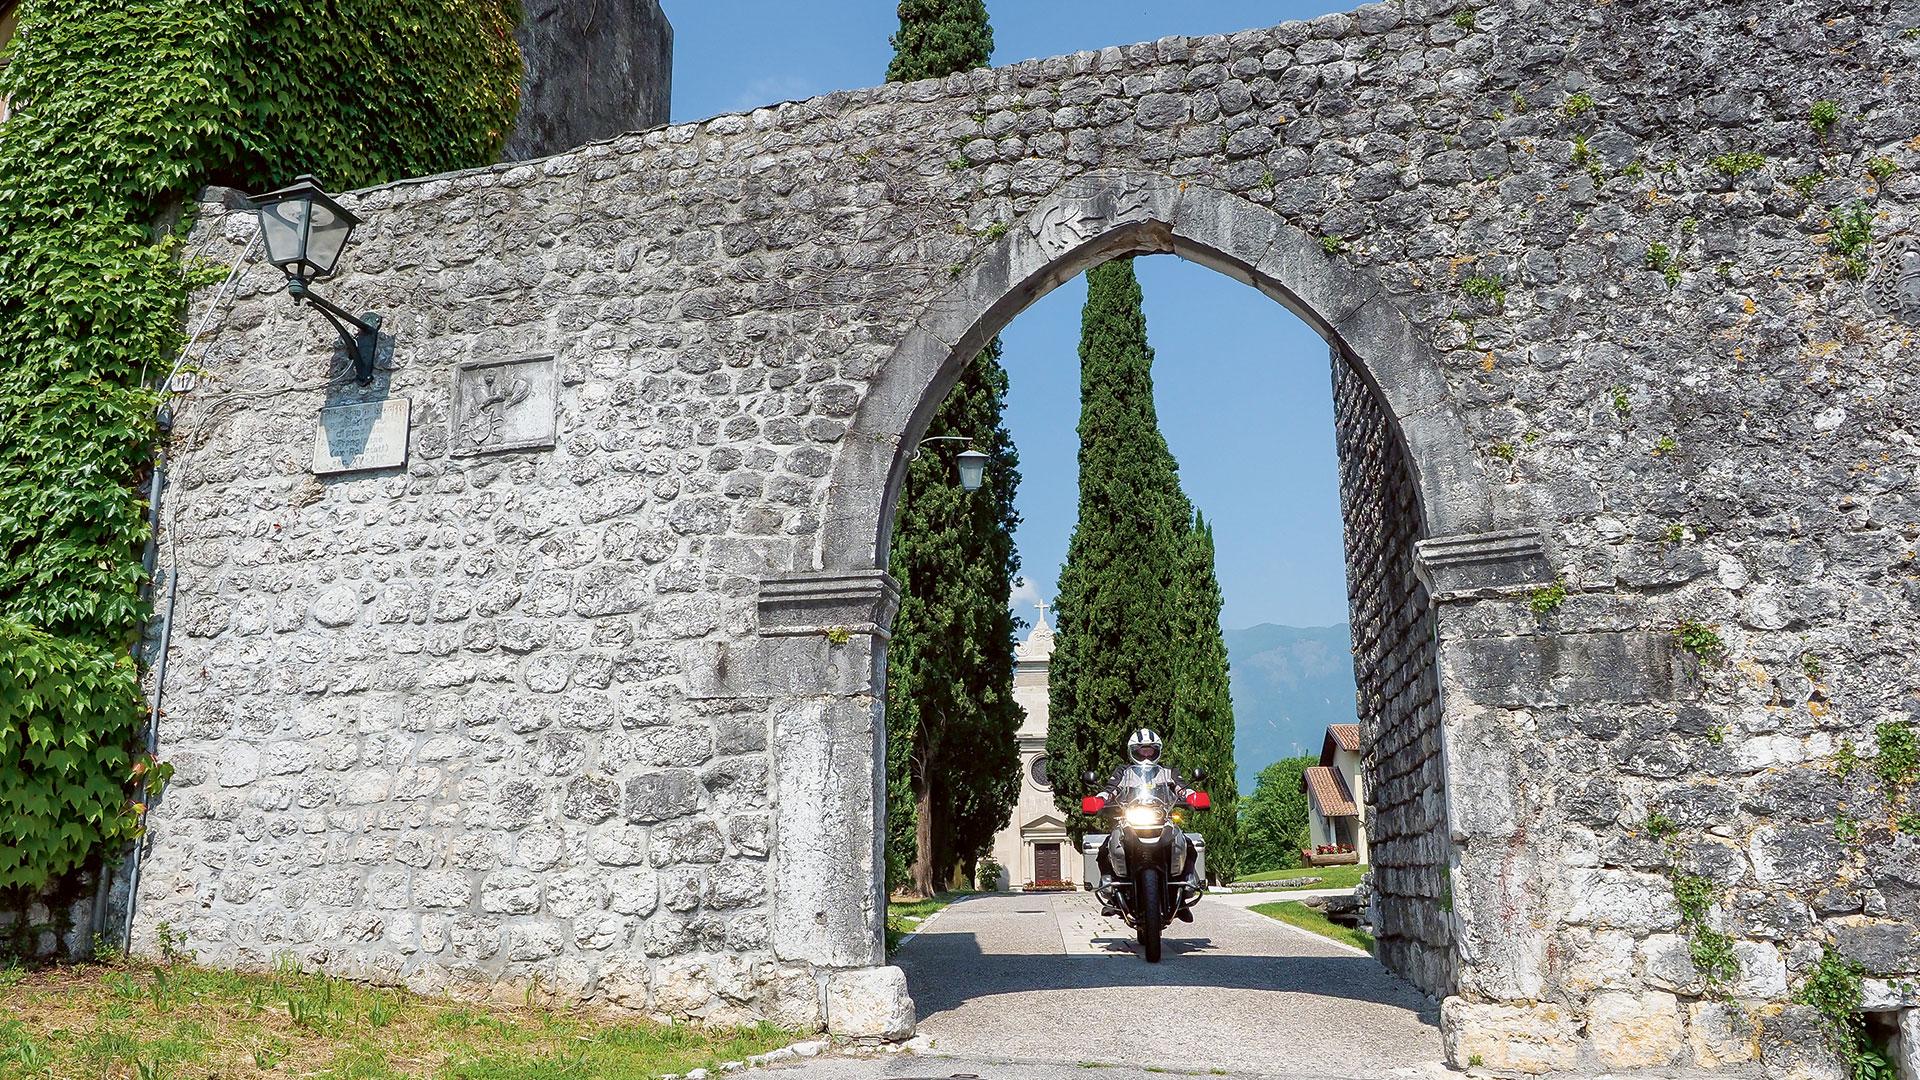 Mit dem Motorrad nach Venedig? - Tour 5